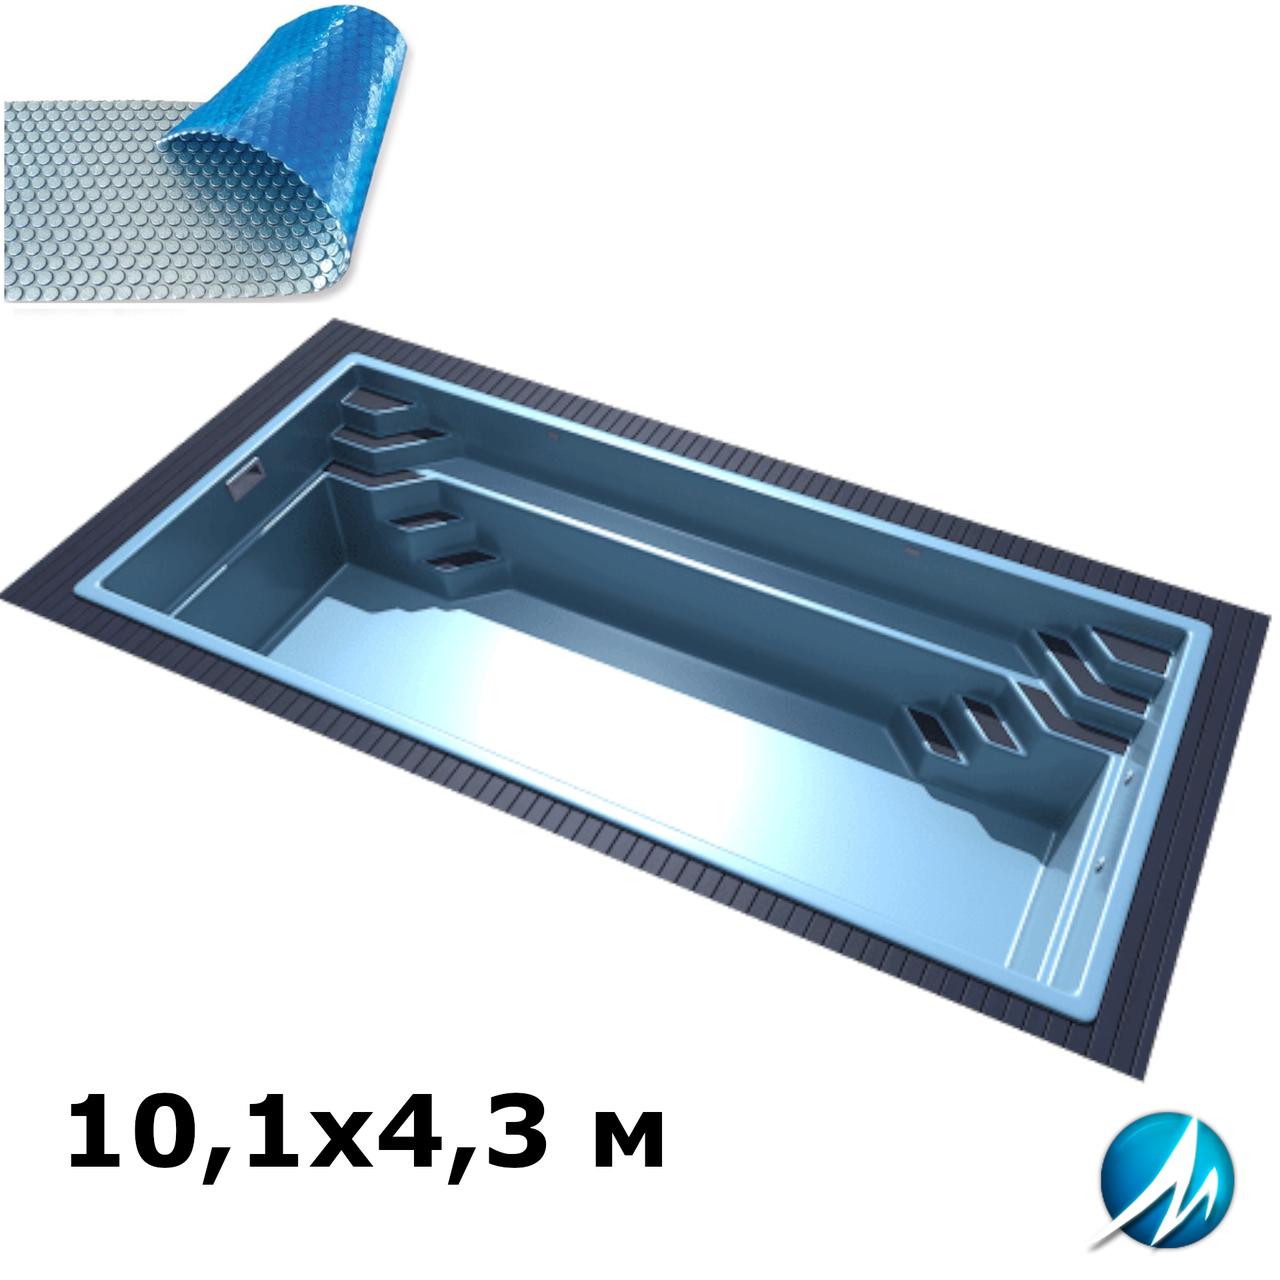 Солярное накрытие для стекловолоконного бассейна 10,1х4,3 м